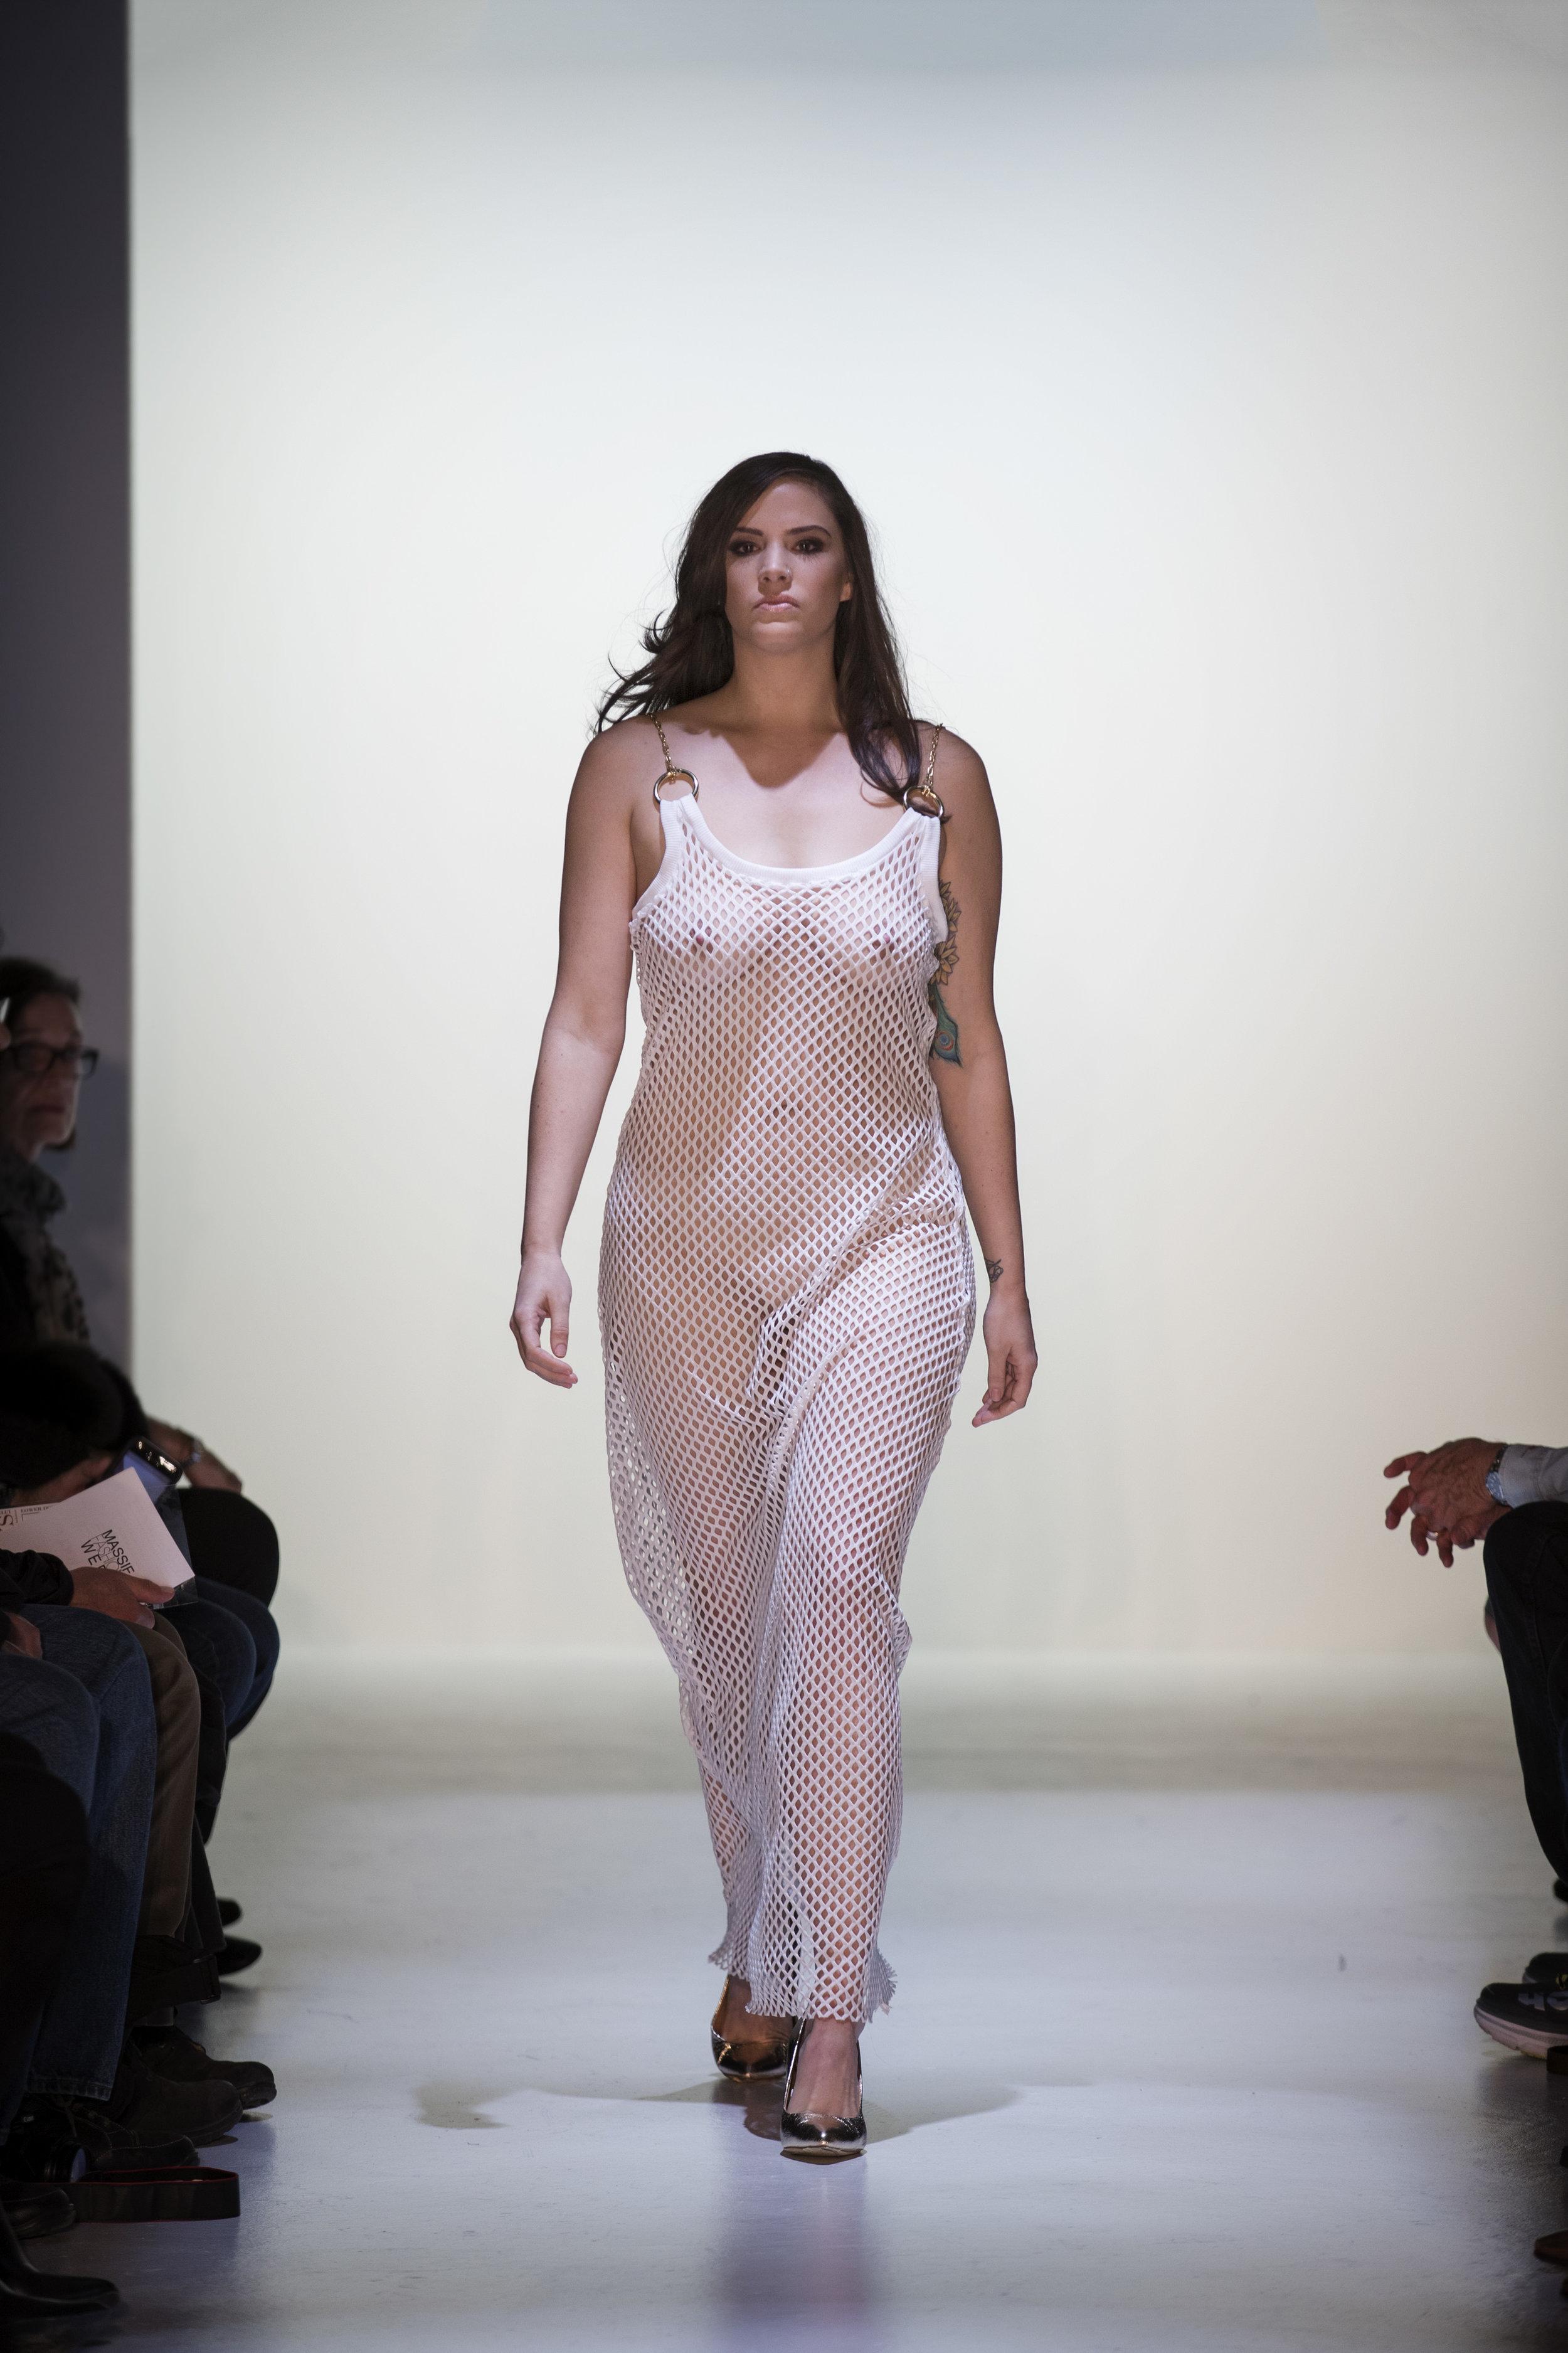 Massif Fashion Week 2017 Day 3 Stephanie Carlson - 017.jpg